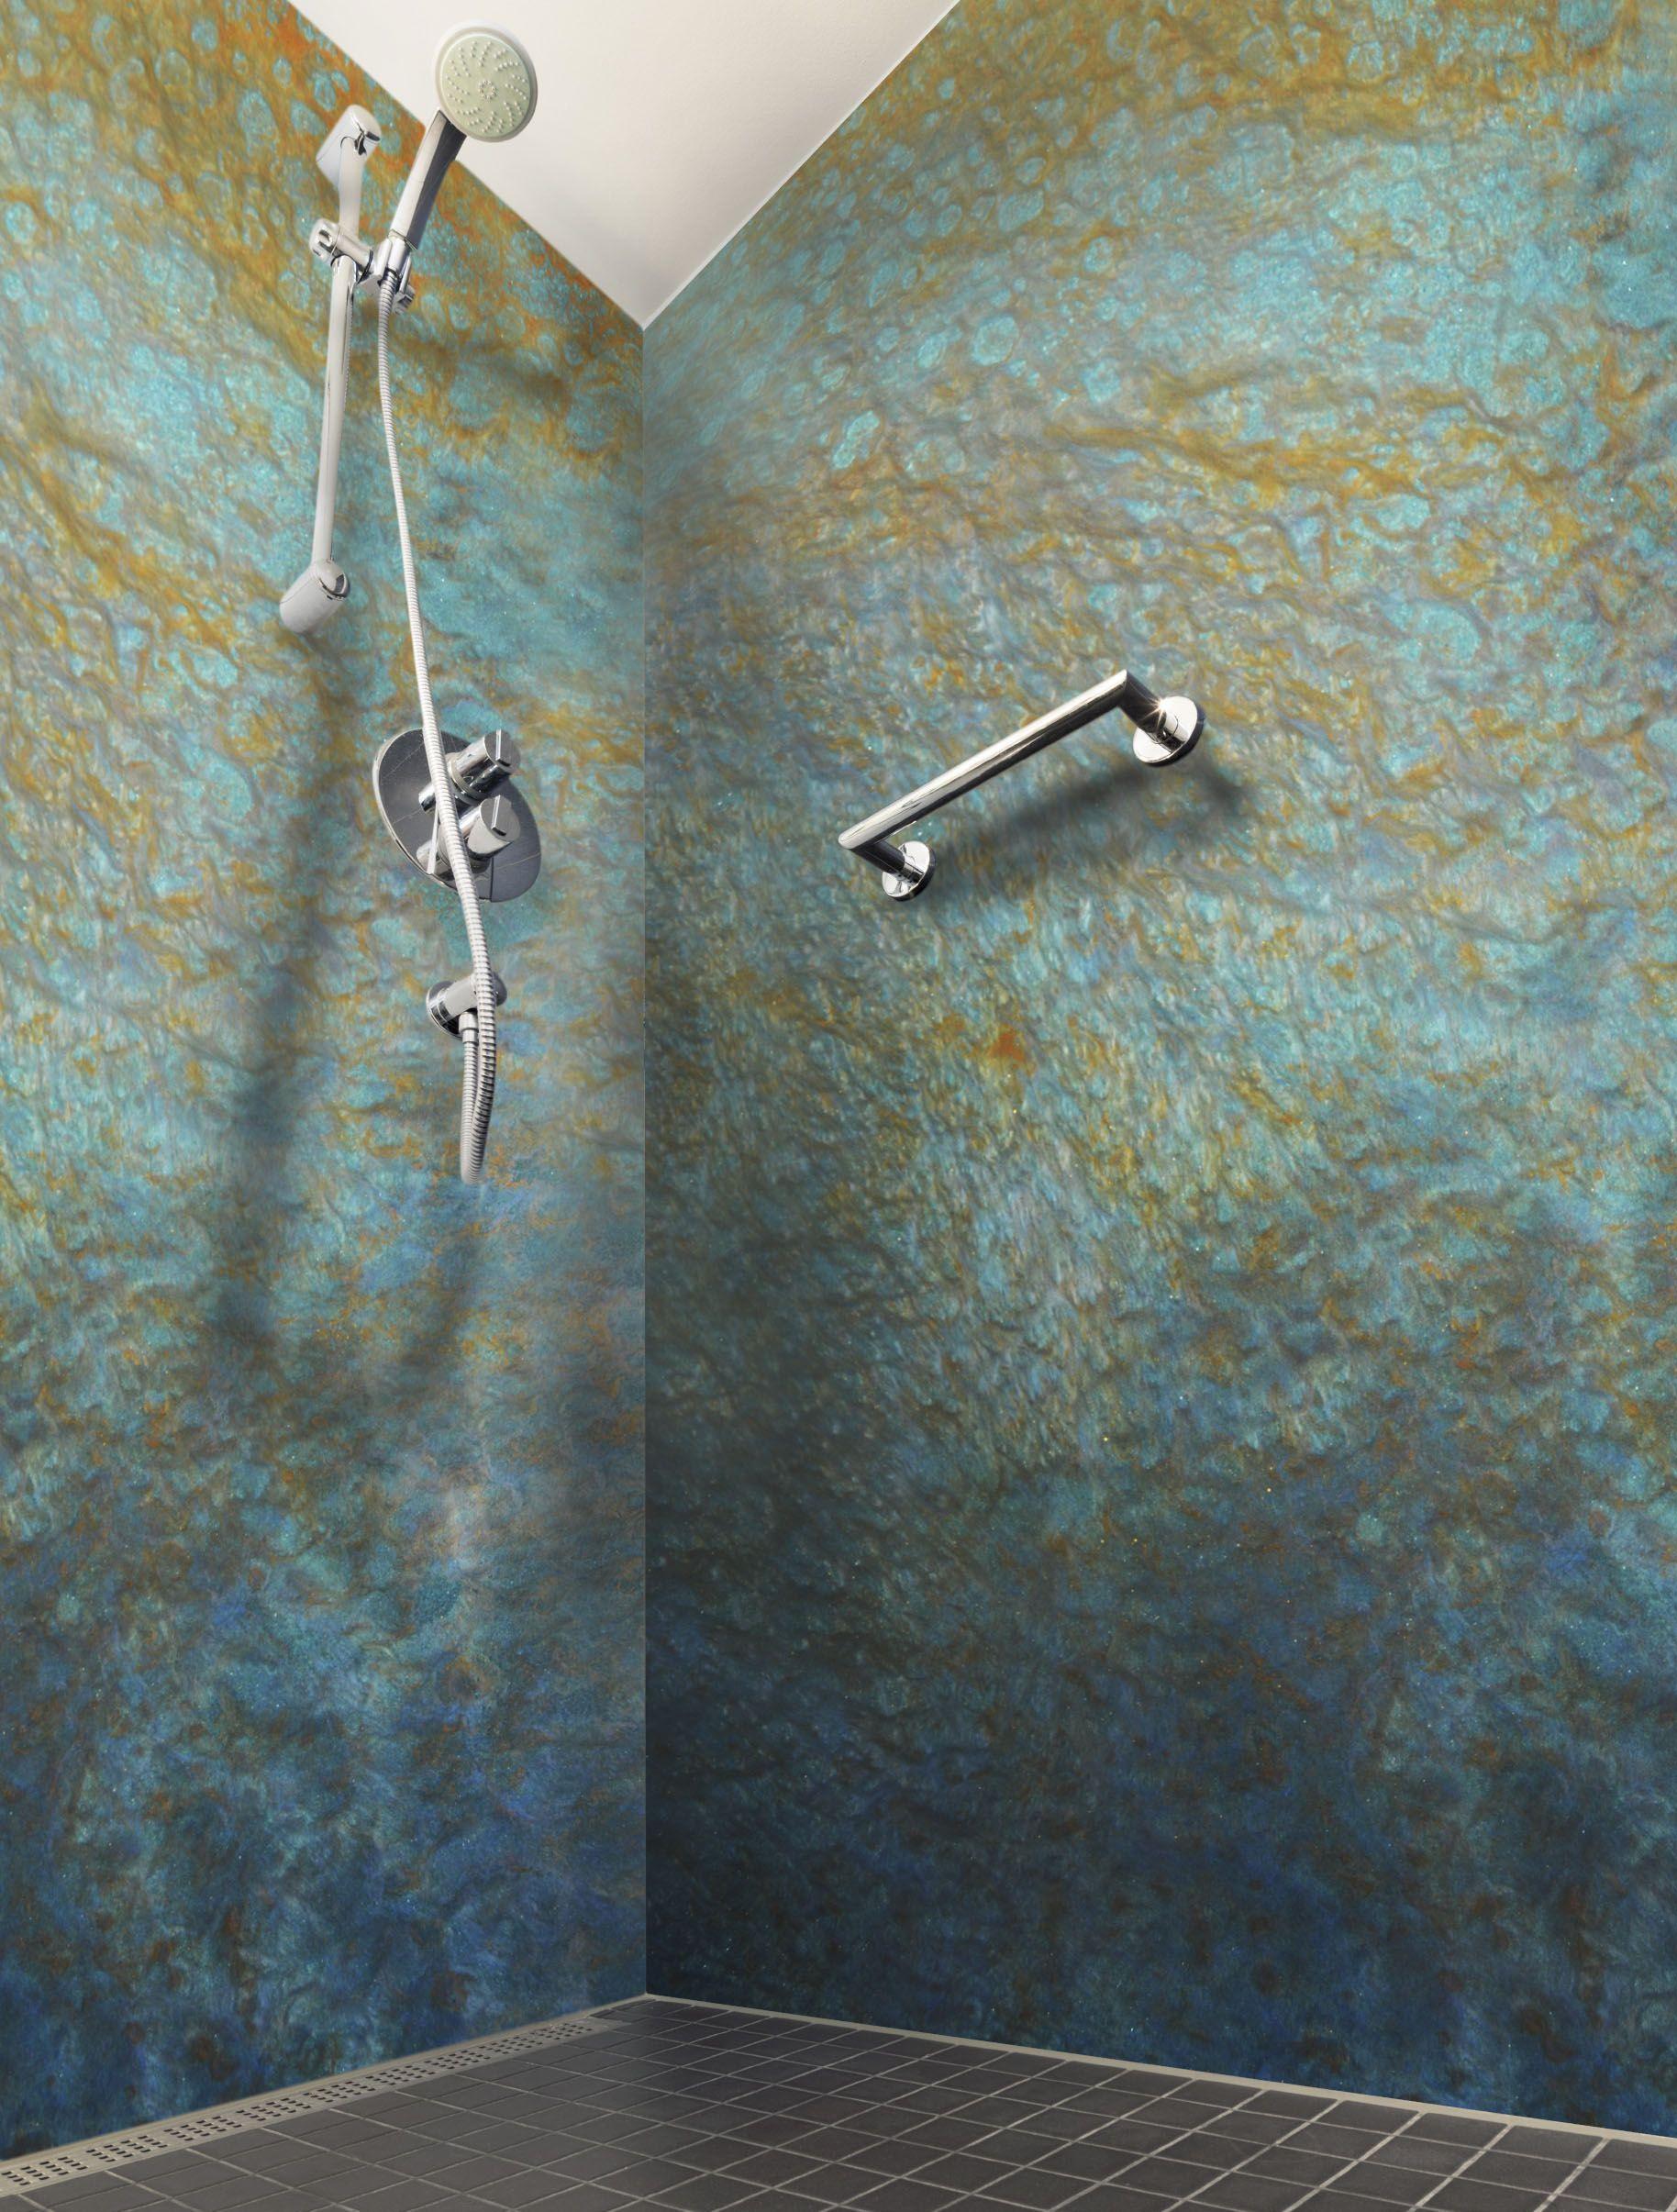 Shower Walls Built From Epoxy Poured Over Panels (Avec dedans Resine Epoxy Salle De Bain